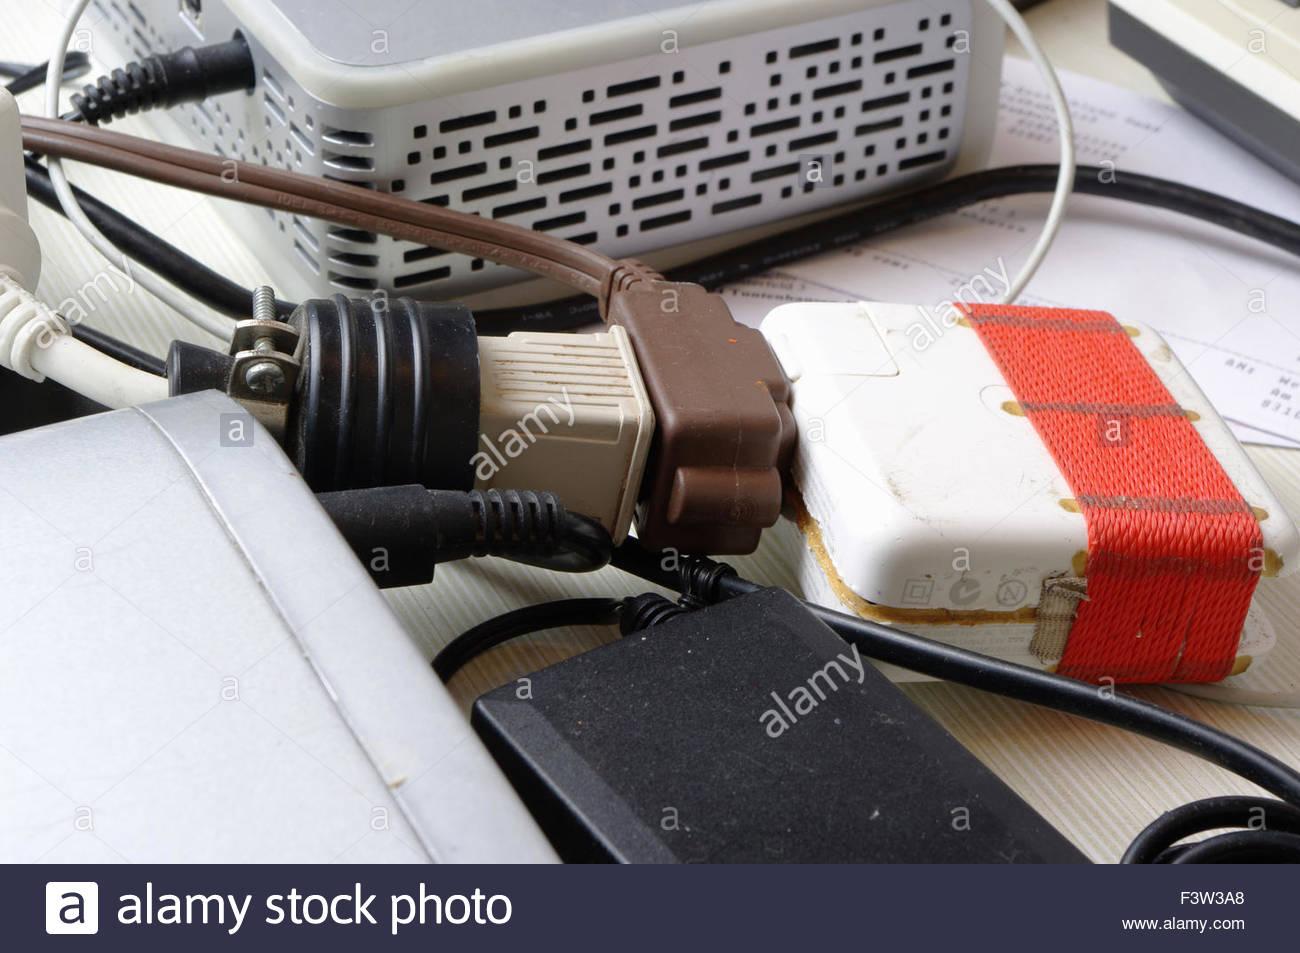 Elektrische Verdrahtung Drähte chaotisch durcheinander Verdrahtung ...